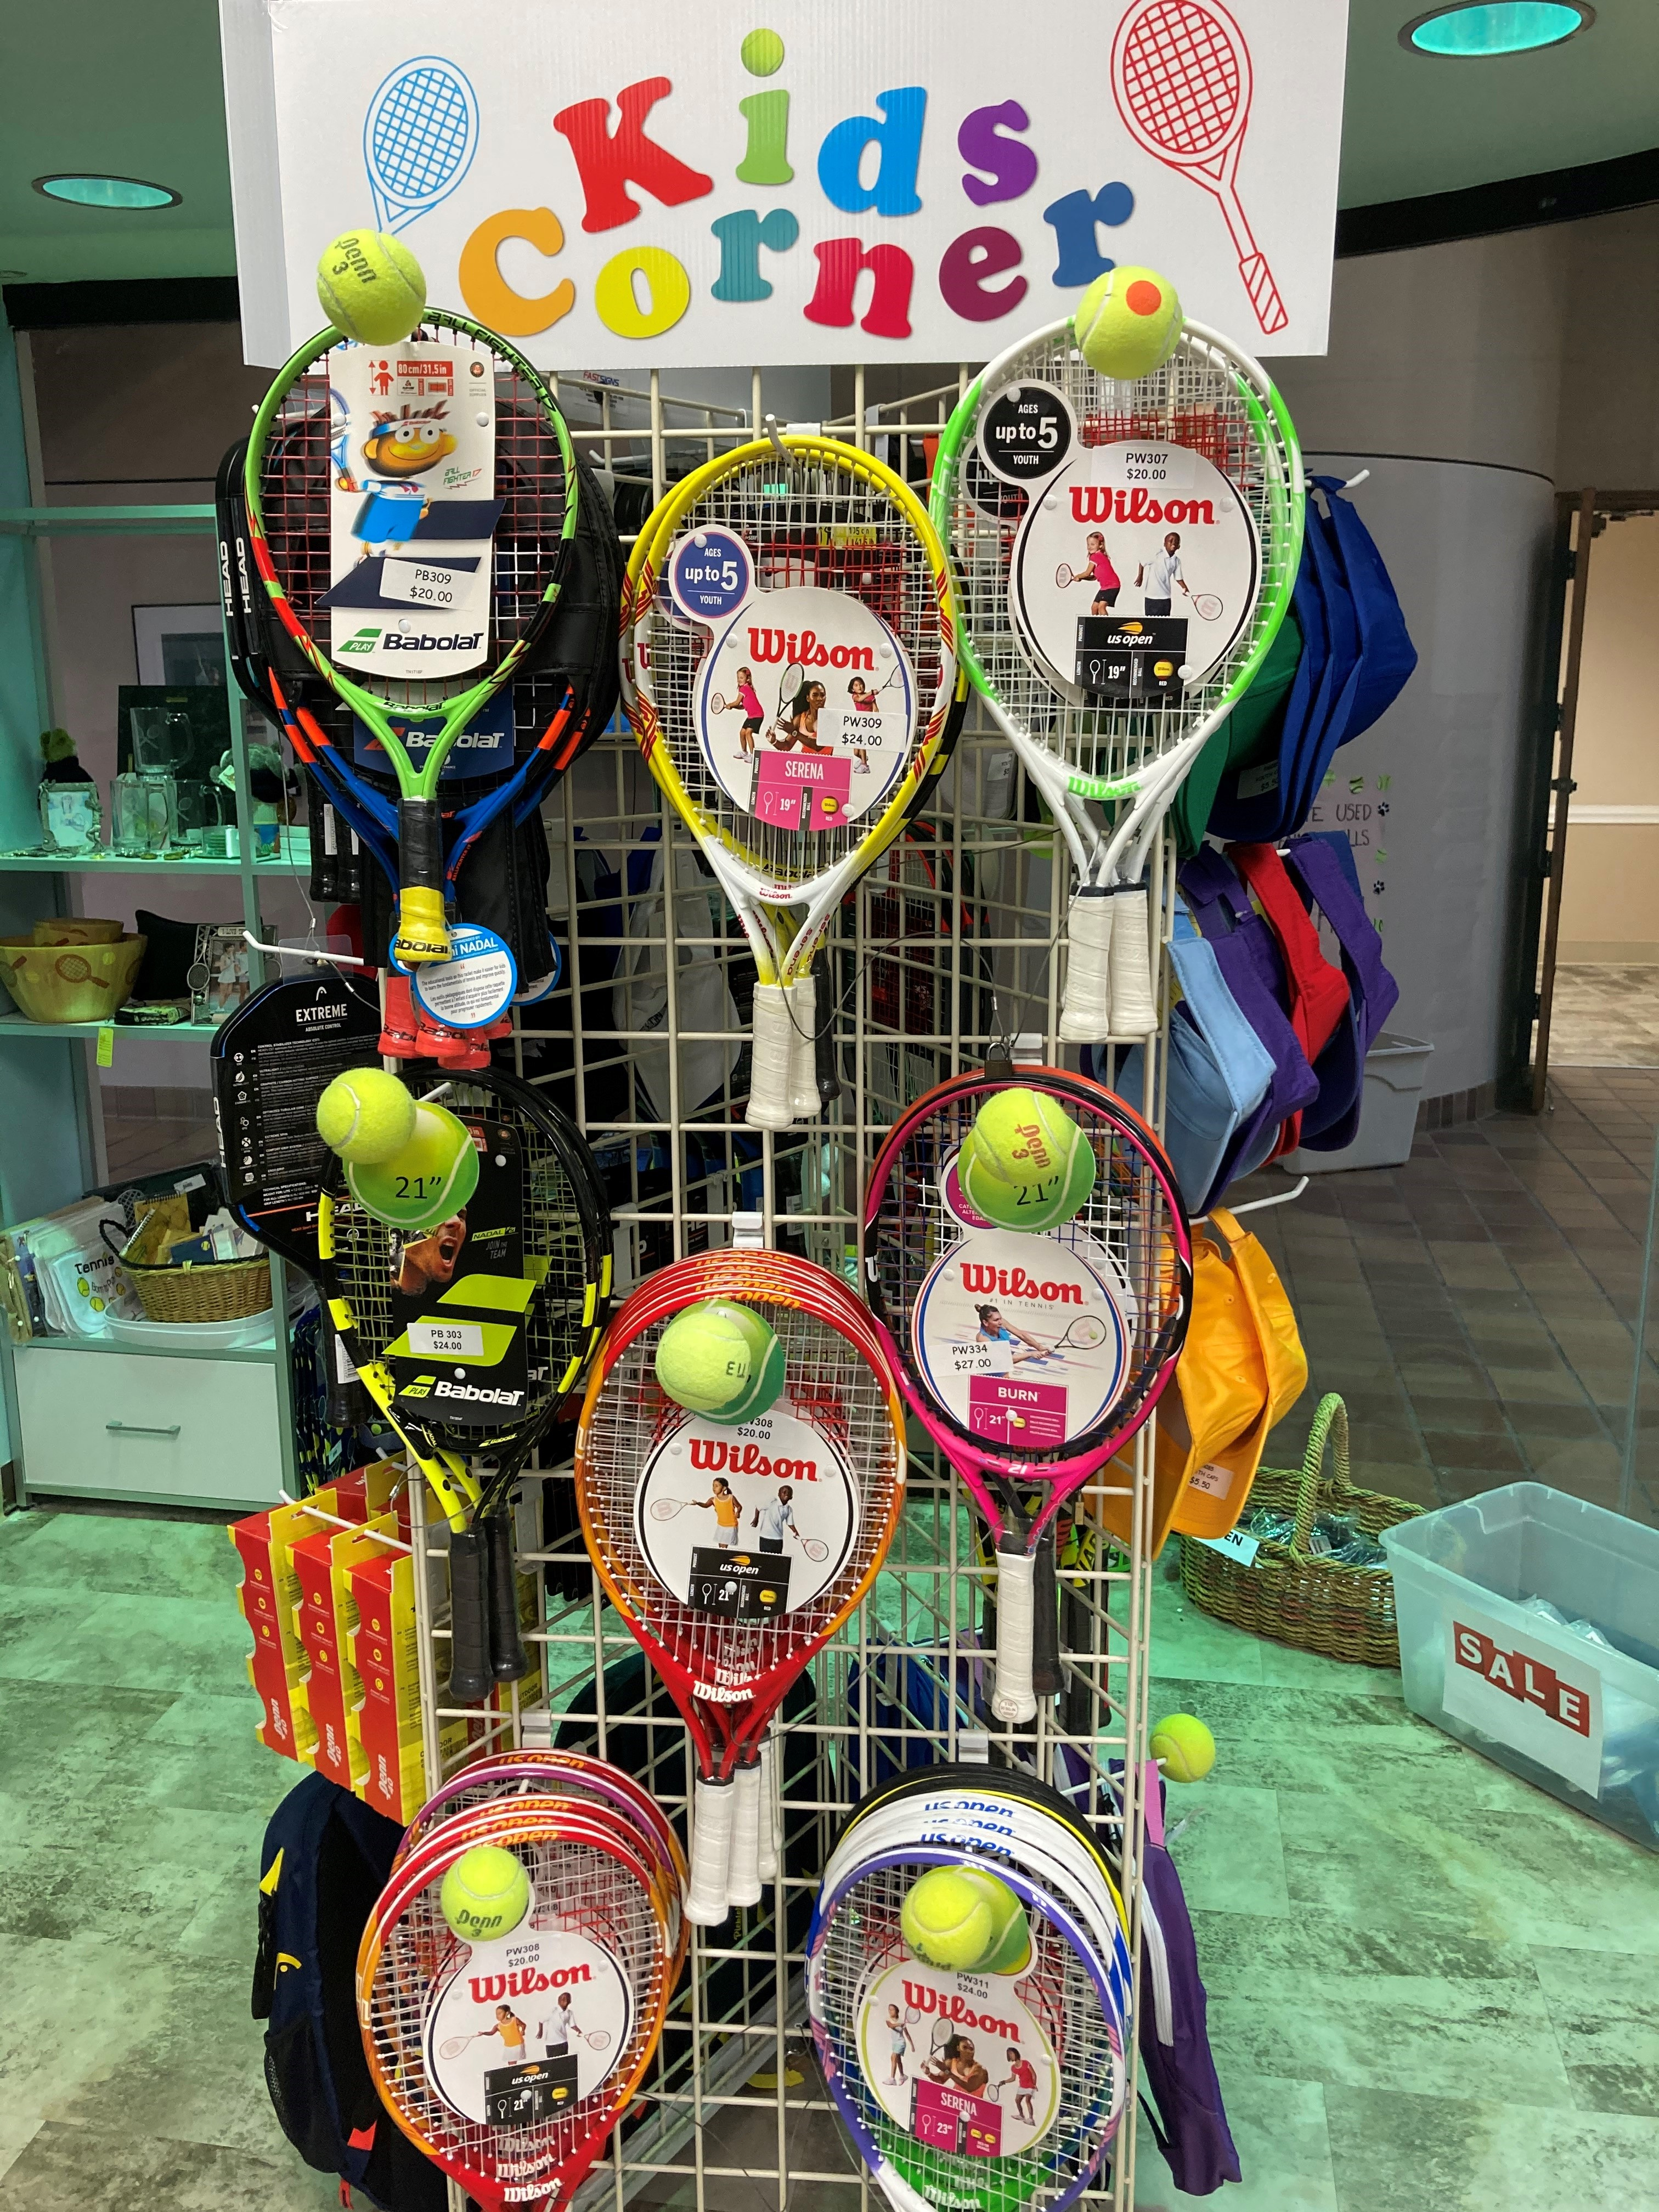 Kids racket display